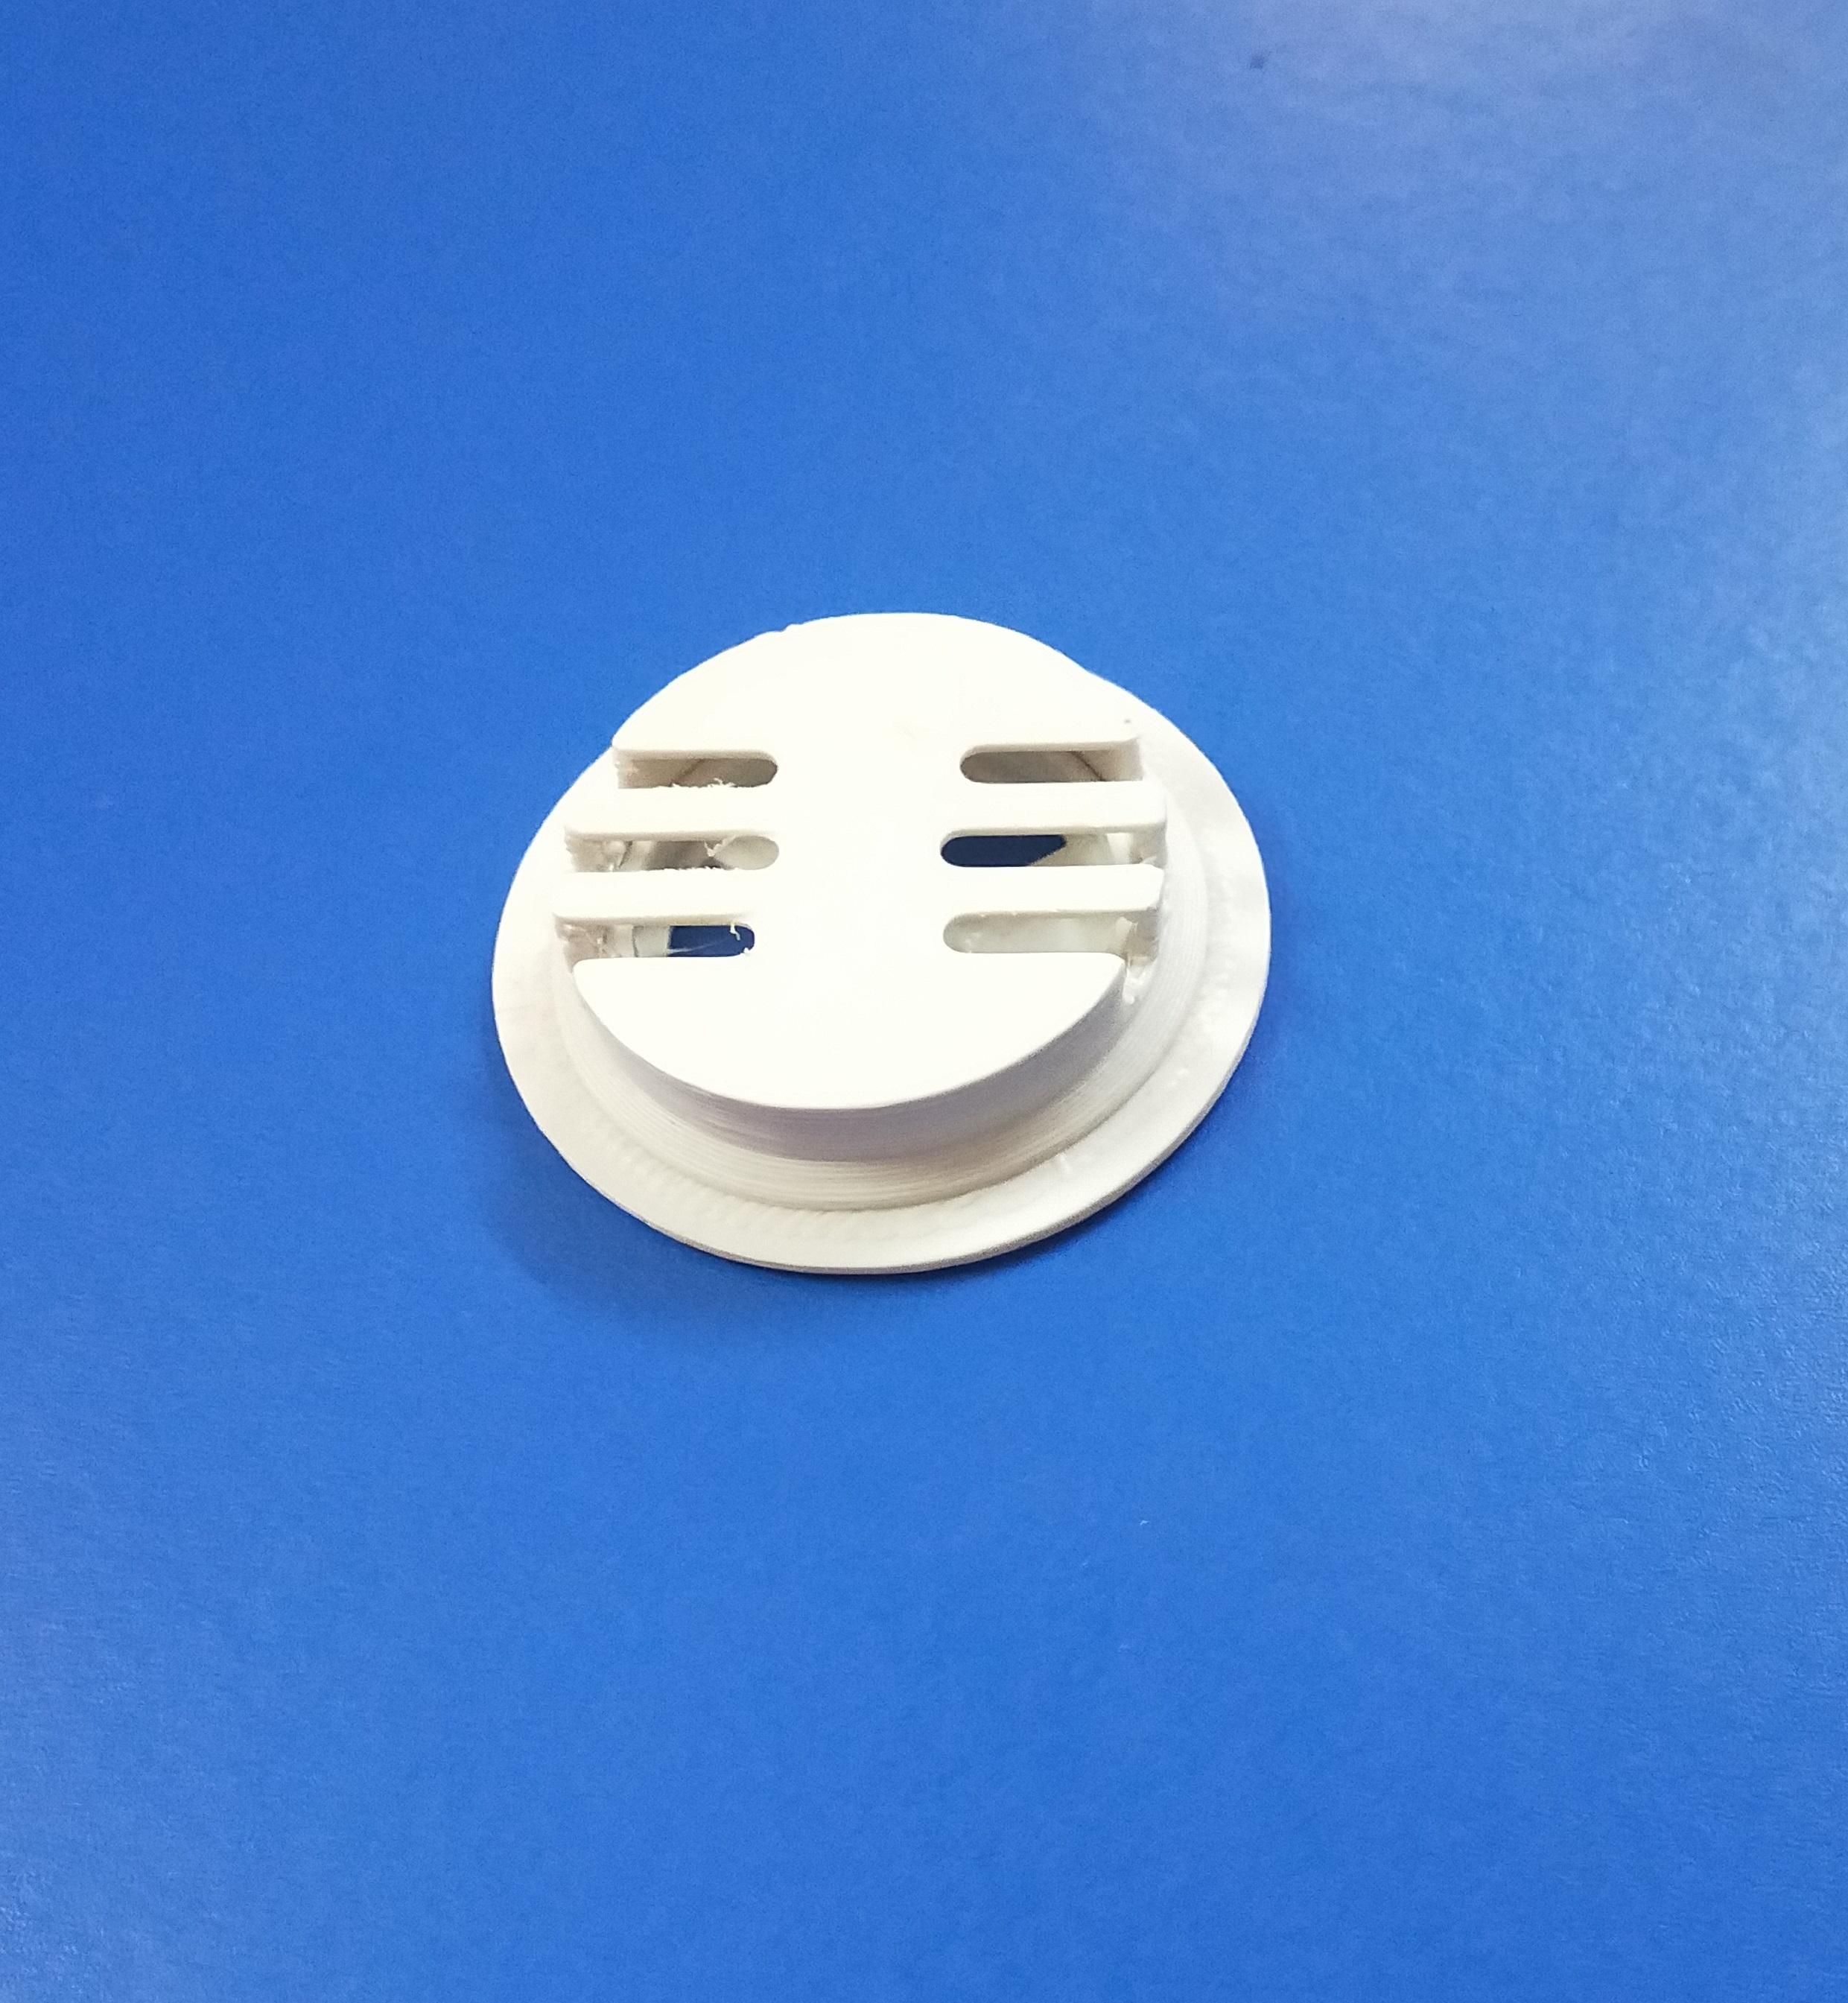 3.jpg Télécharger fichier STL gratuit masque de soupape d'expiration 3d imprimé • Modèle pour imprimante 3D, purishaktishekhar